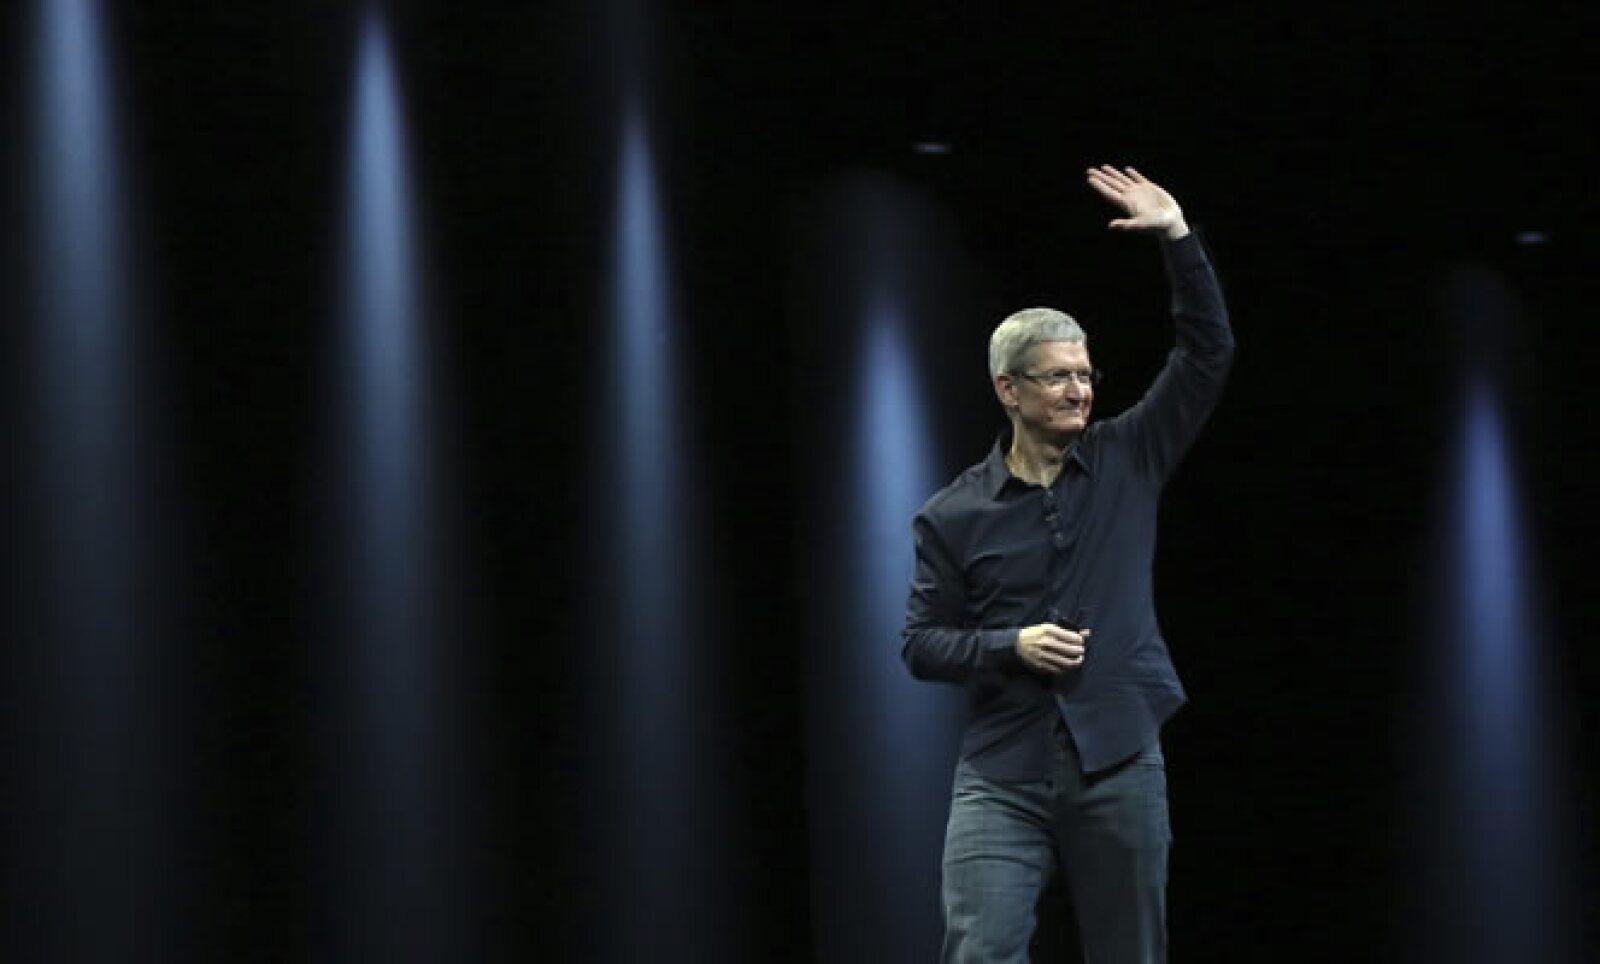 """al recordar que 30 millones de personas compraron un dispositivo iOS en 2013 y casi la mitad eran usuarios de Android """"por error"""", bromeó."""